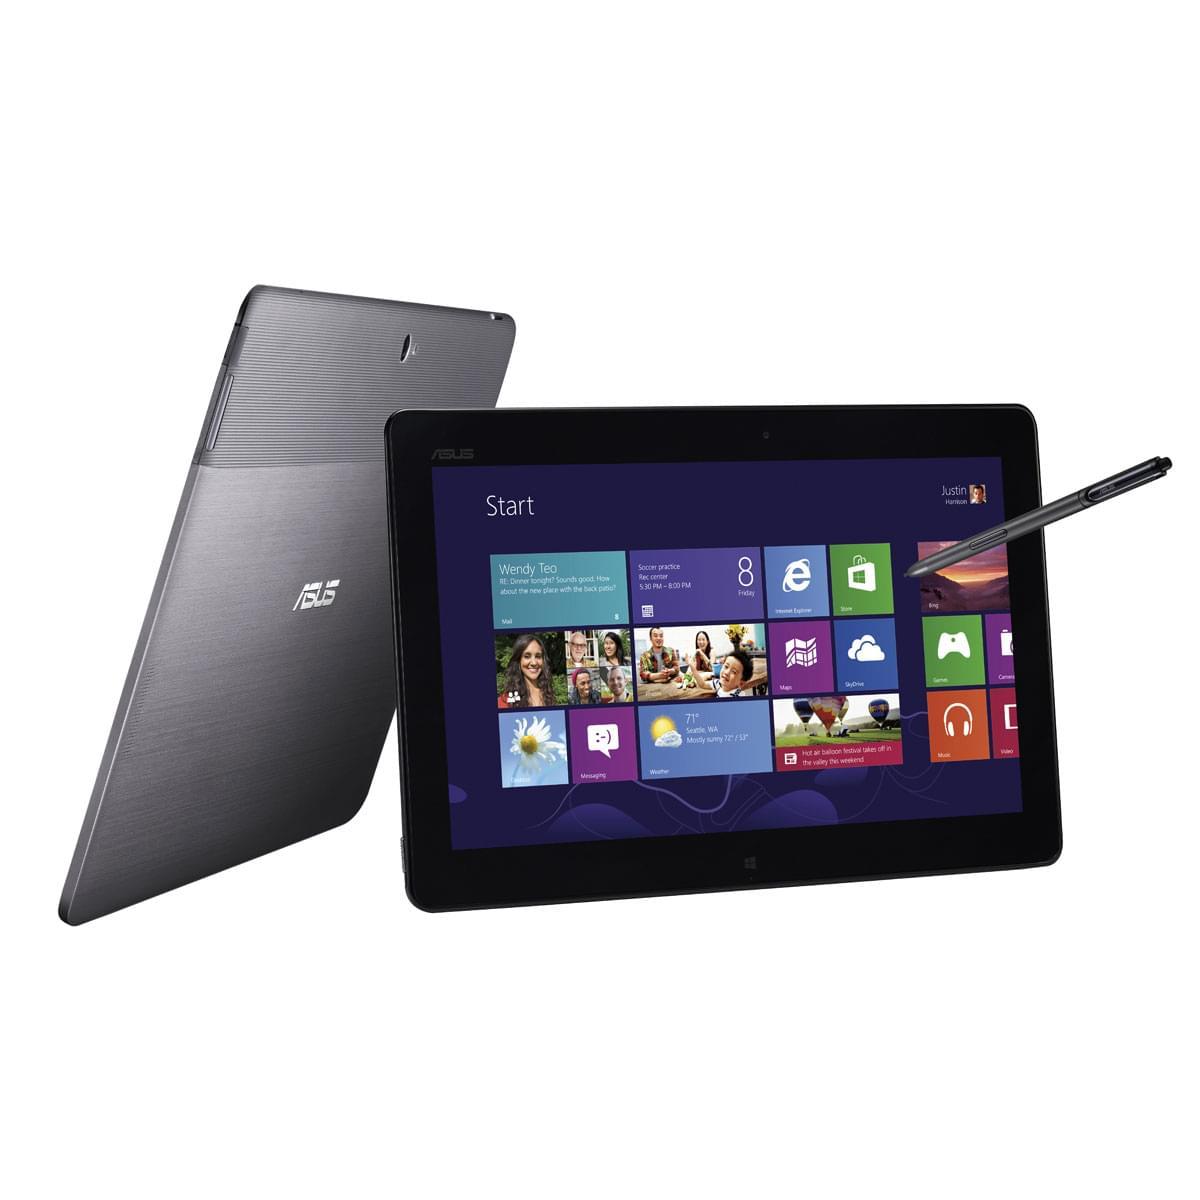 Asus TF810C-1B004P - Tablette tactile Asus - Cybertek.fr - 0